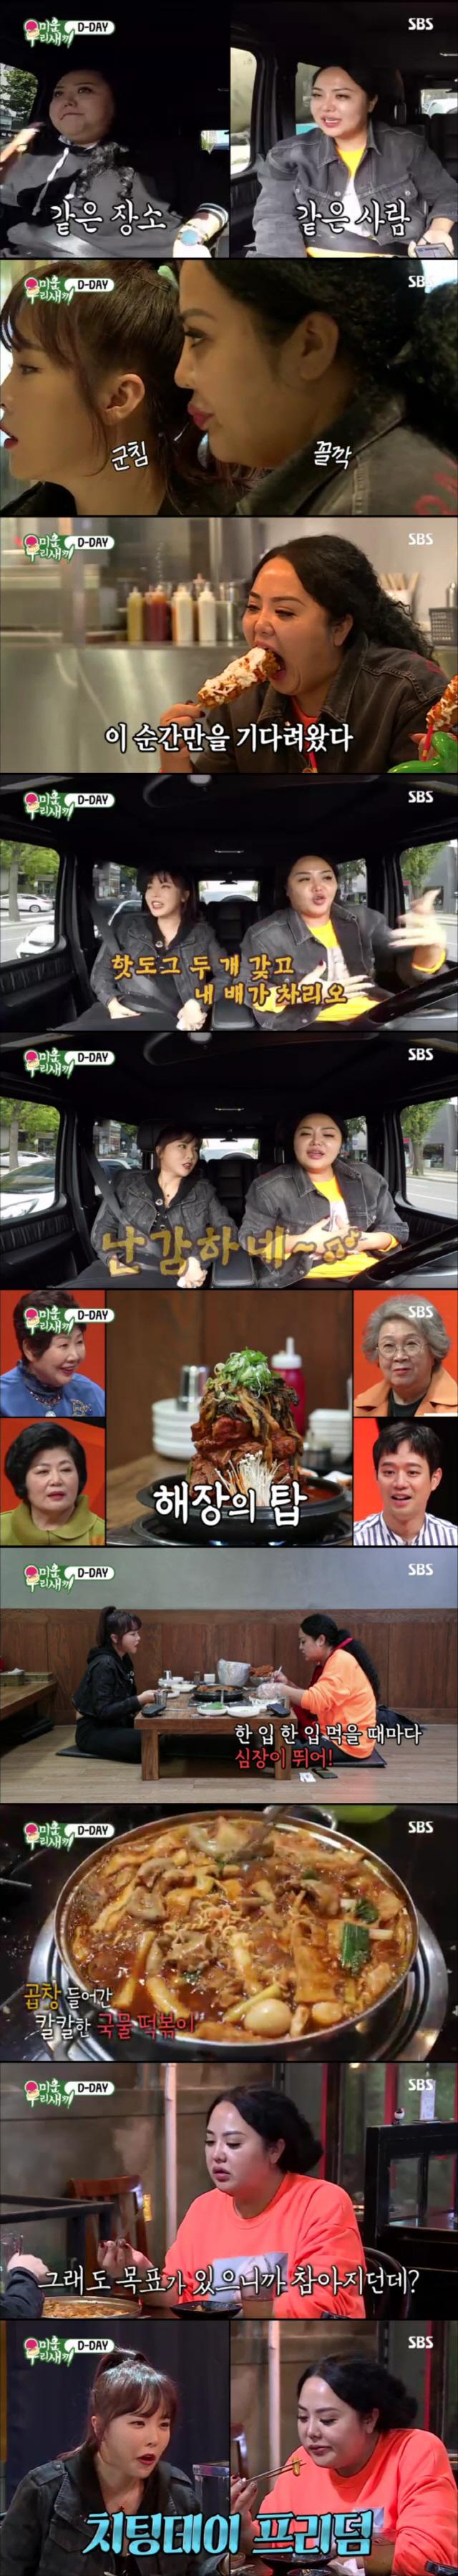 '미운우리새끼' 홍선영, 치팅데이를 맞아 흥이 절로..'최고의 1분'